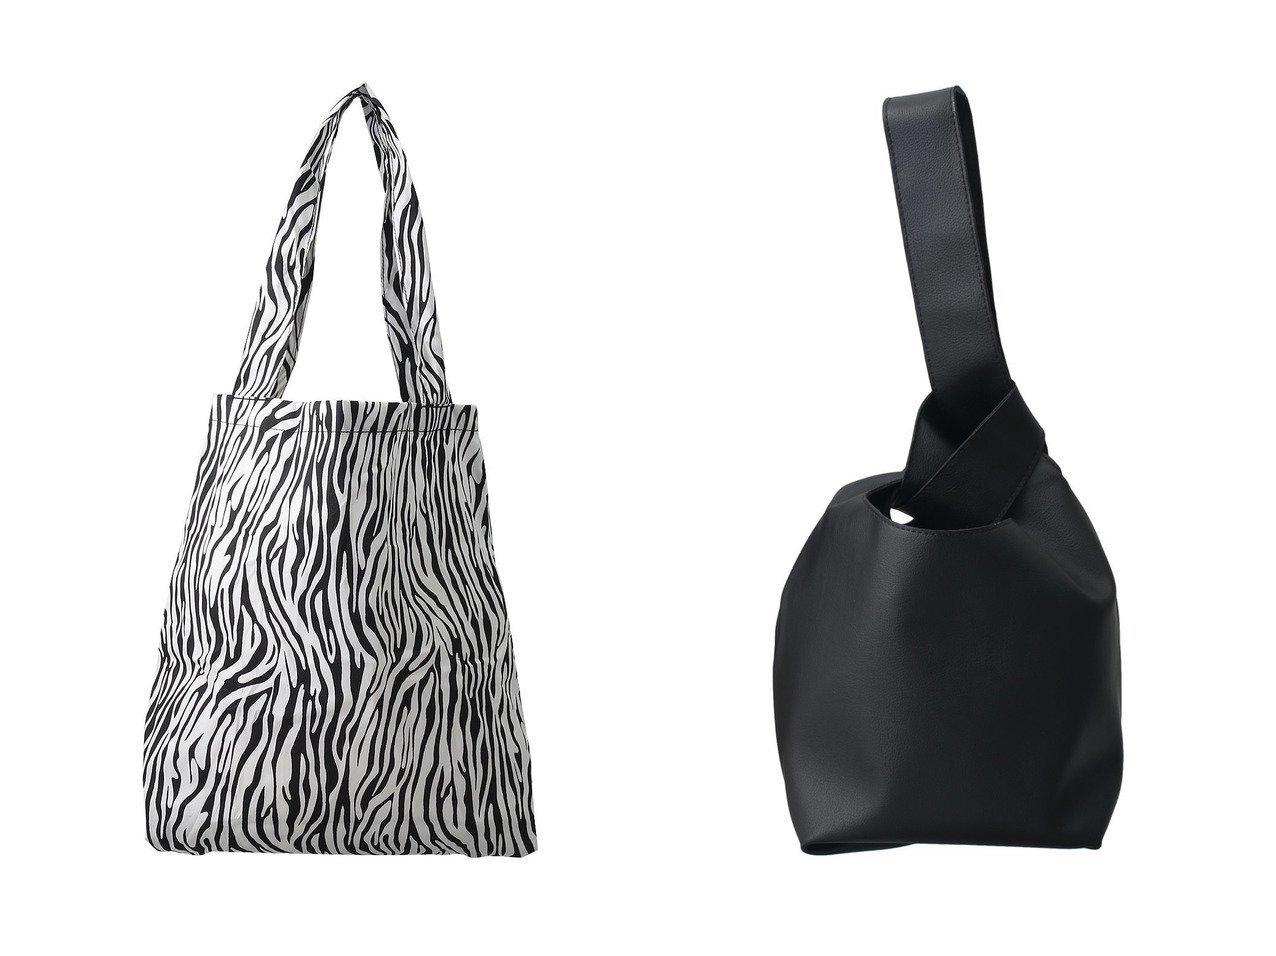 【JET/ジェット】のエコバッグ&【PLAIN PEOPLE/プレインピープル】の【The M】ヴィーガンレザーバッグ 【バッグ・鞄】おすすめ!人気、トレンド・レディースファッションの通販 おすすめで人気の流行・トレンド、ファッションの通販商品 メンズファッション・キッズファッション・インテリア・家具・レディースファッション・服の通販 founy(ファニー) https://founy.com/ ファッション Fashion レディースファッション WOMEN バッグ Bag ポケット シンプル フェイクレザー  ID:crp329100000030204